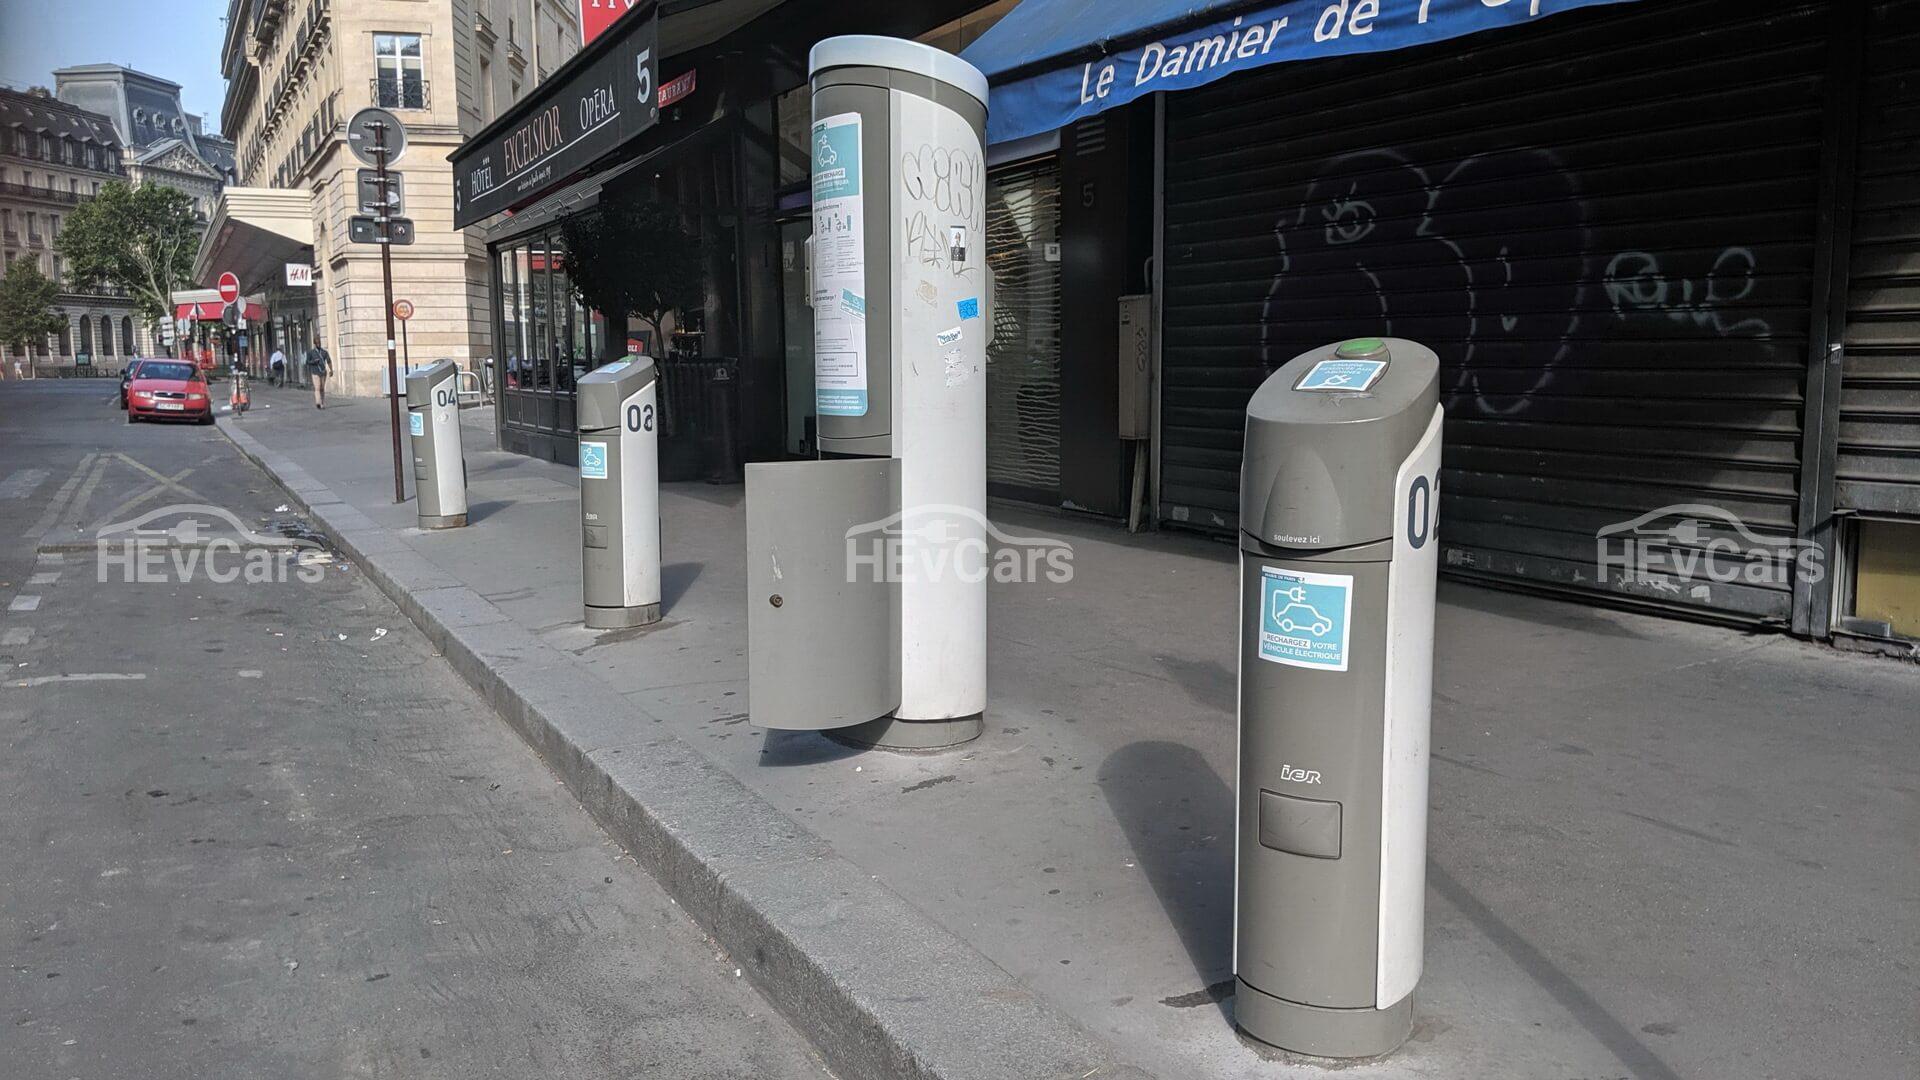 Зарядные станции для электромобилей в Париже